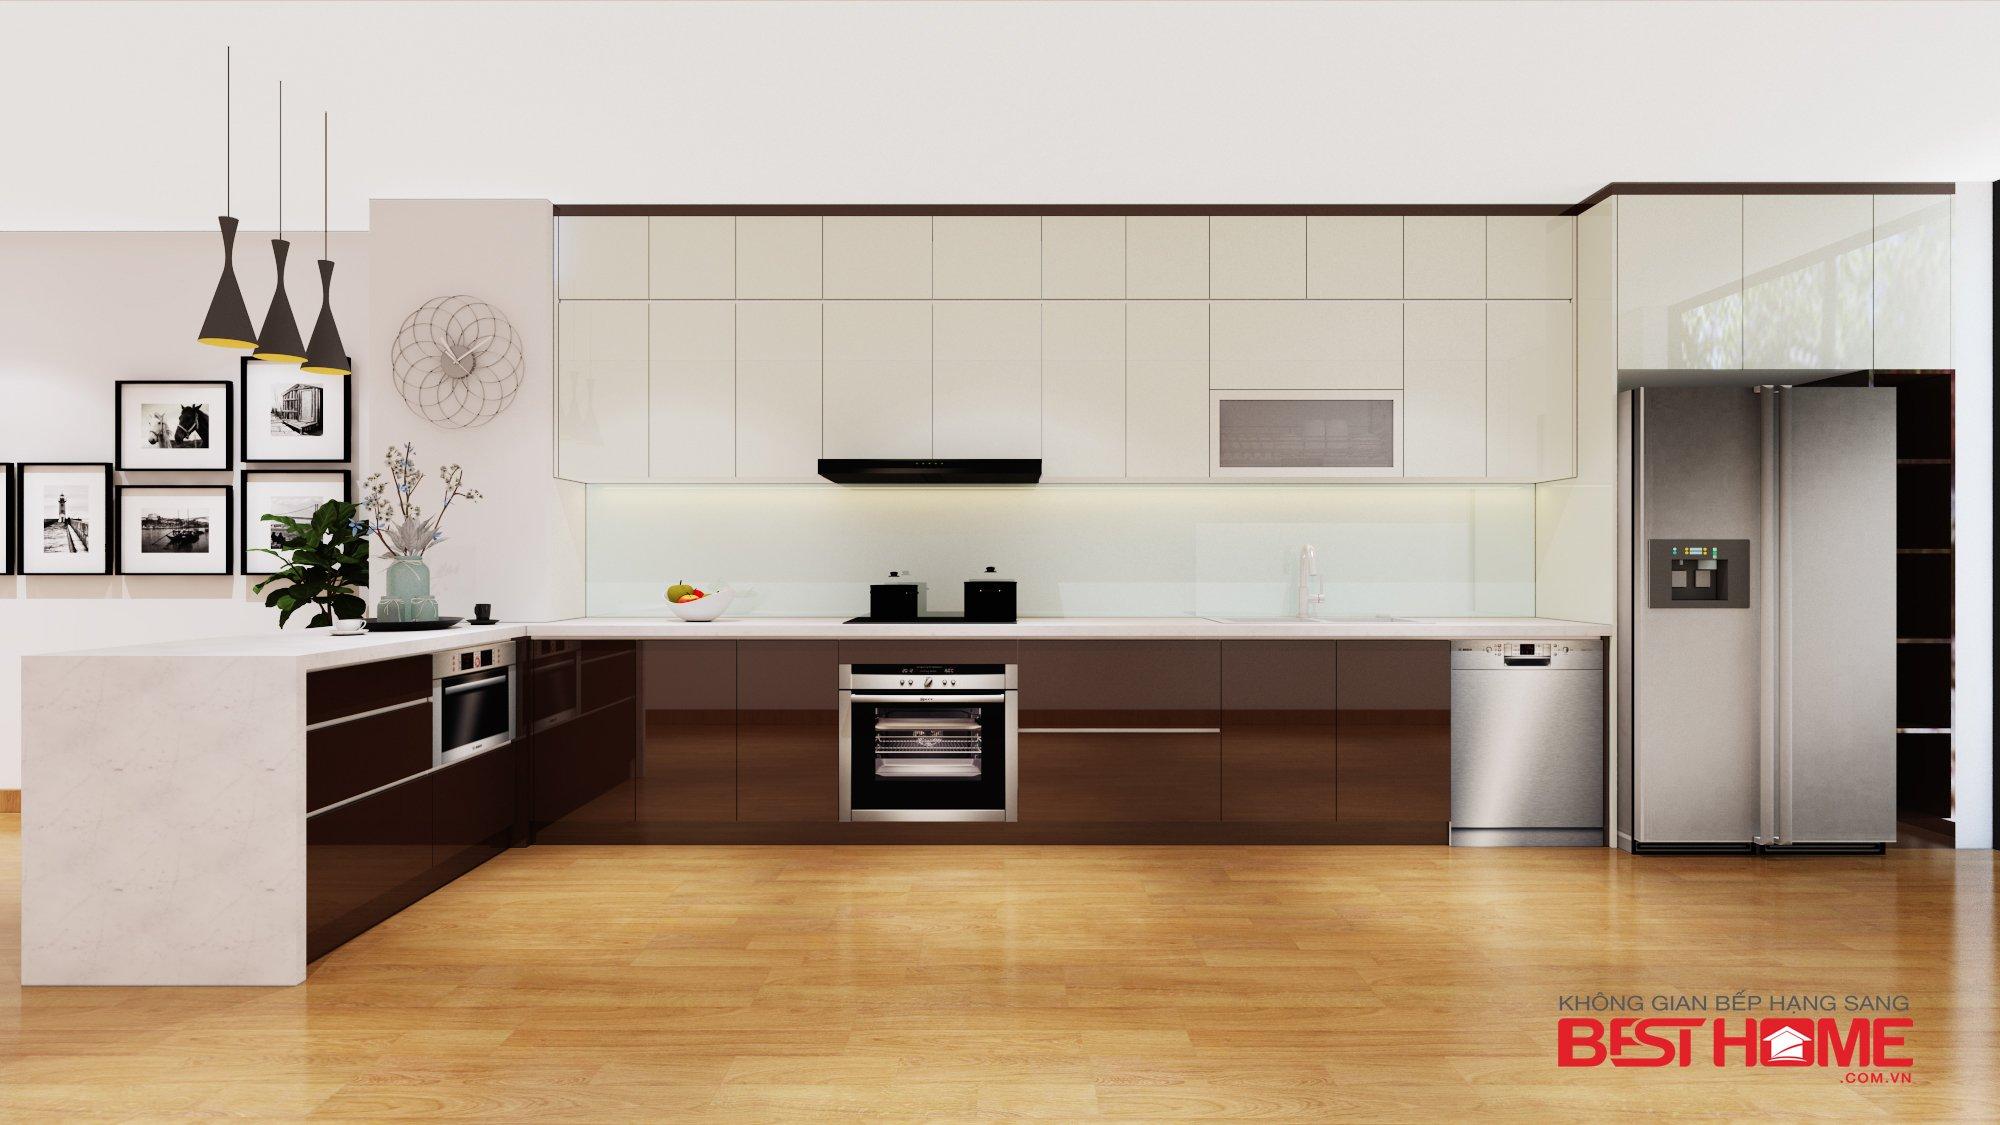 10 lý do bạn nên làm tủ bếp bằng gỗ Acrylic post image